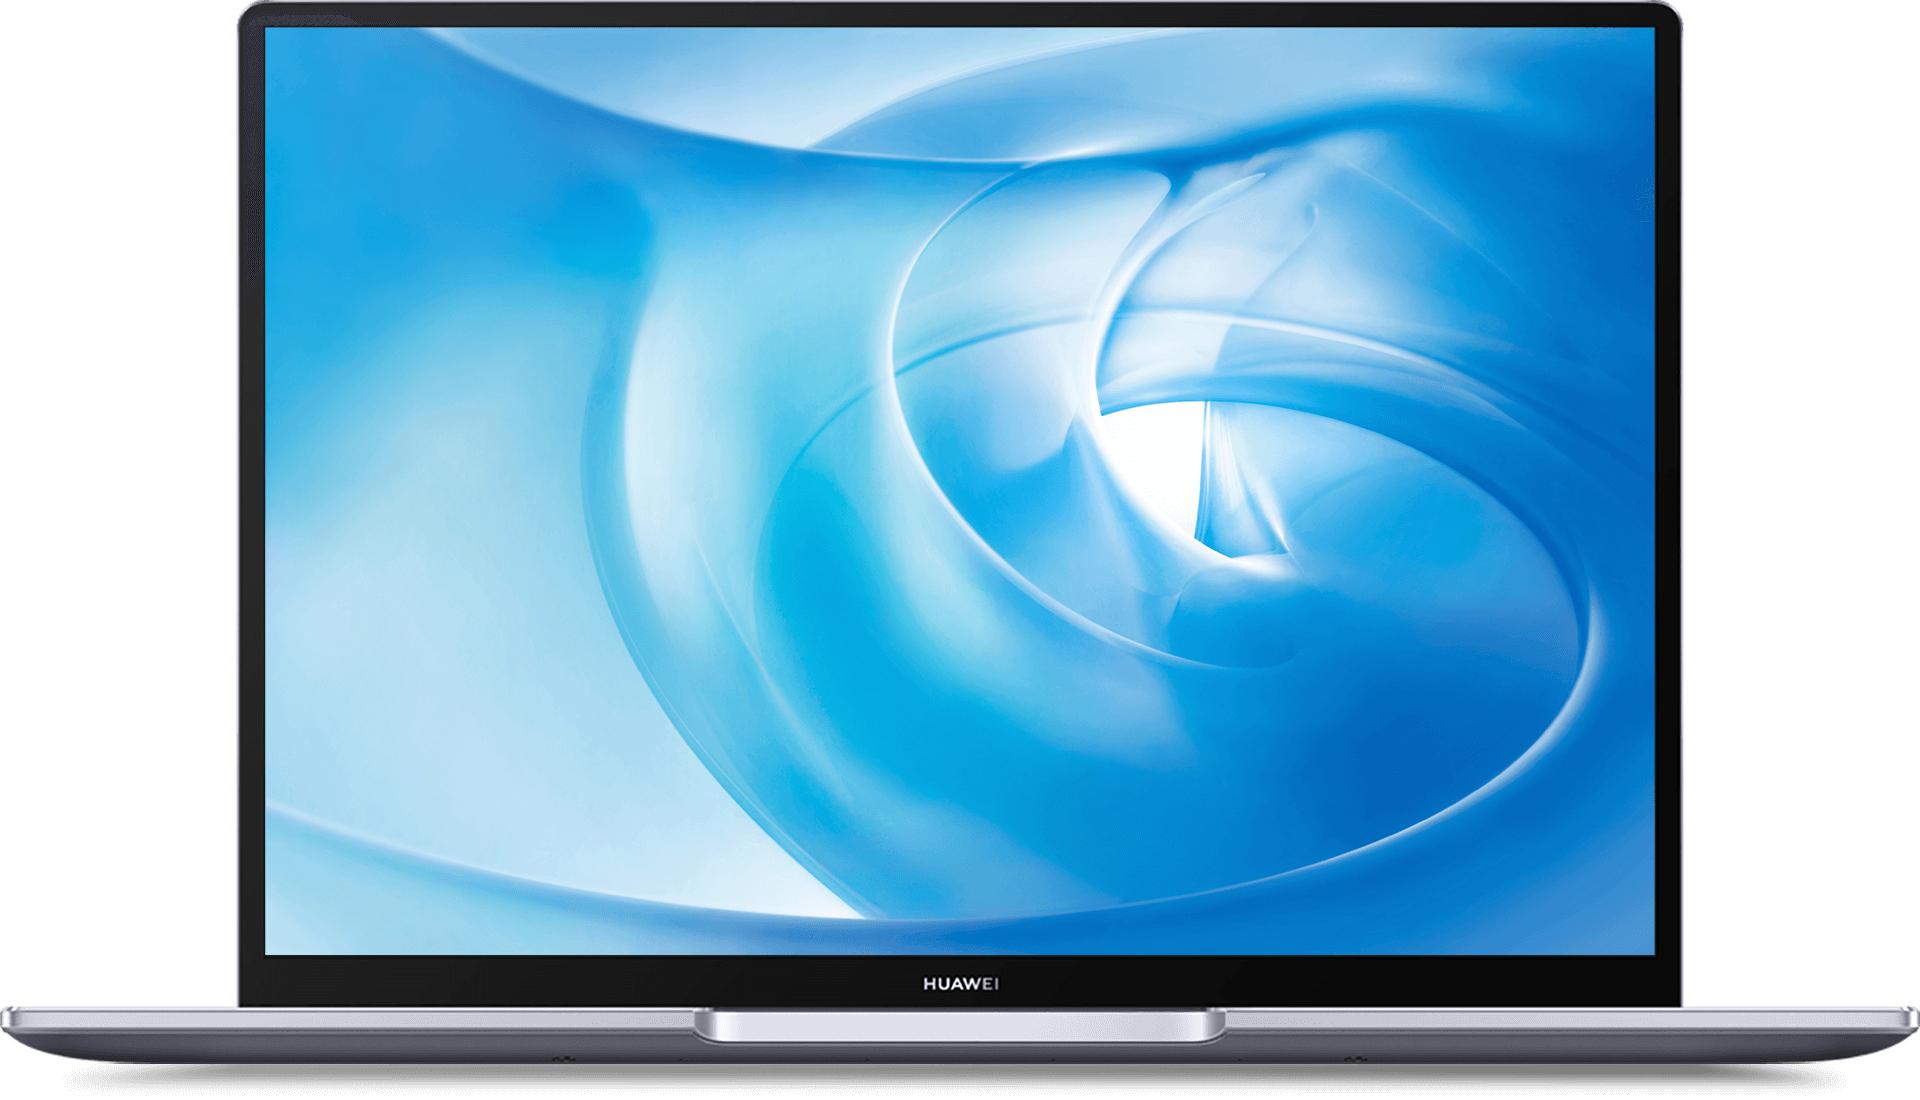 HUAWEI MateBook 14 2020 AMD R5 4600H 16GB SSD 512GB + HUAWEI Bluetooth-Maus || mit Unidays 728,10€